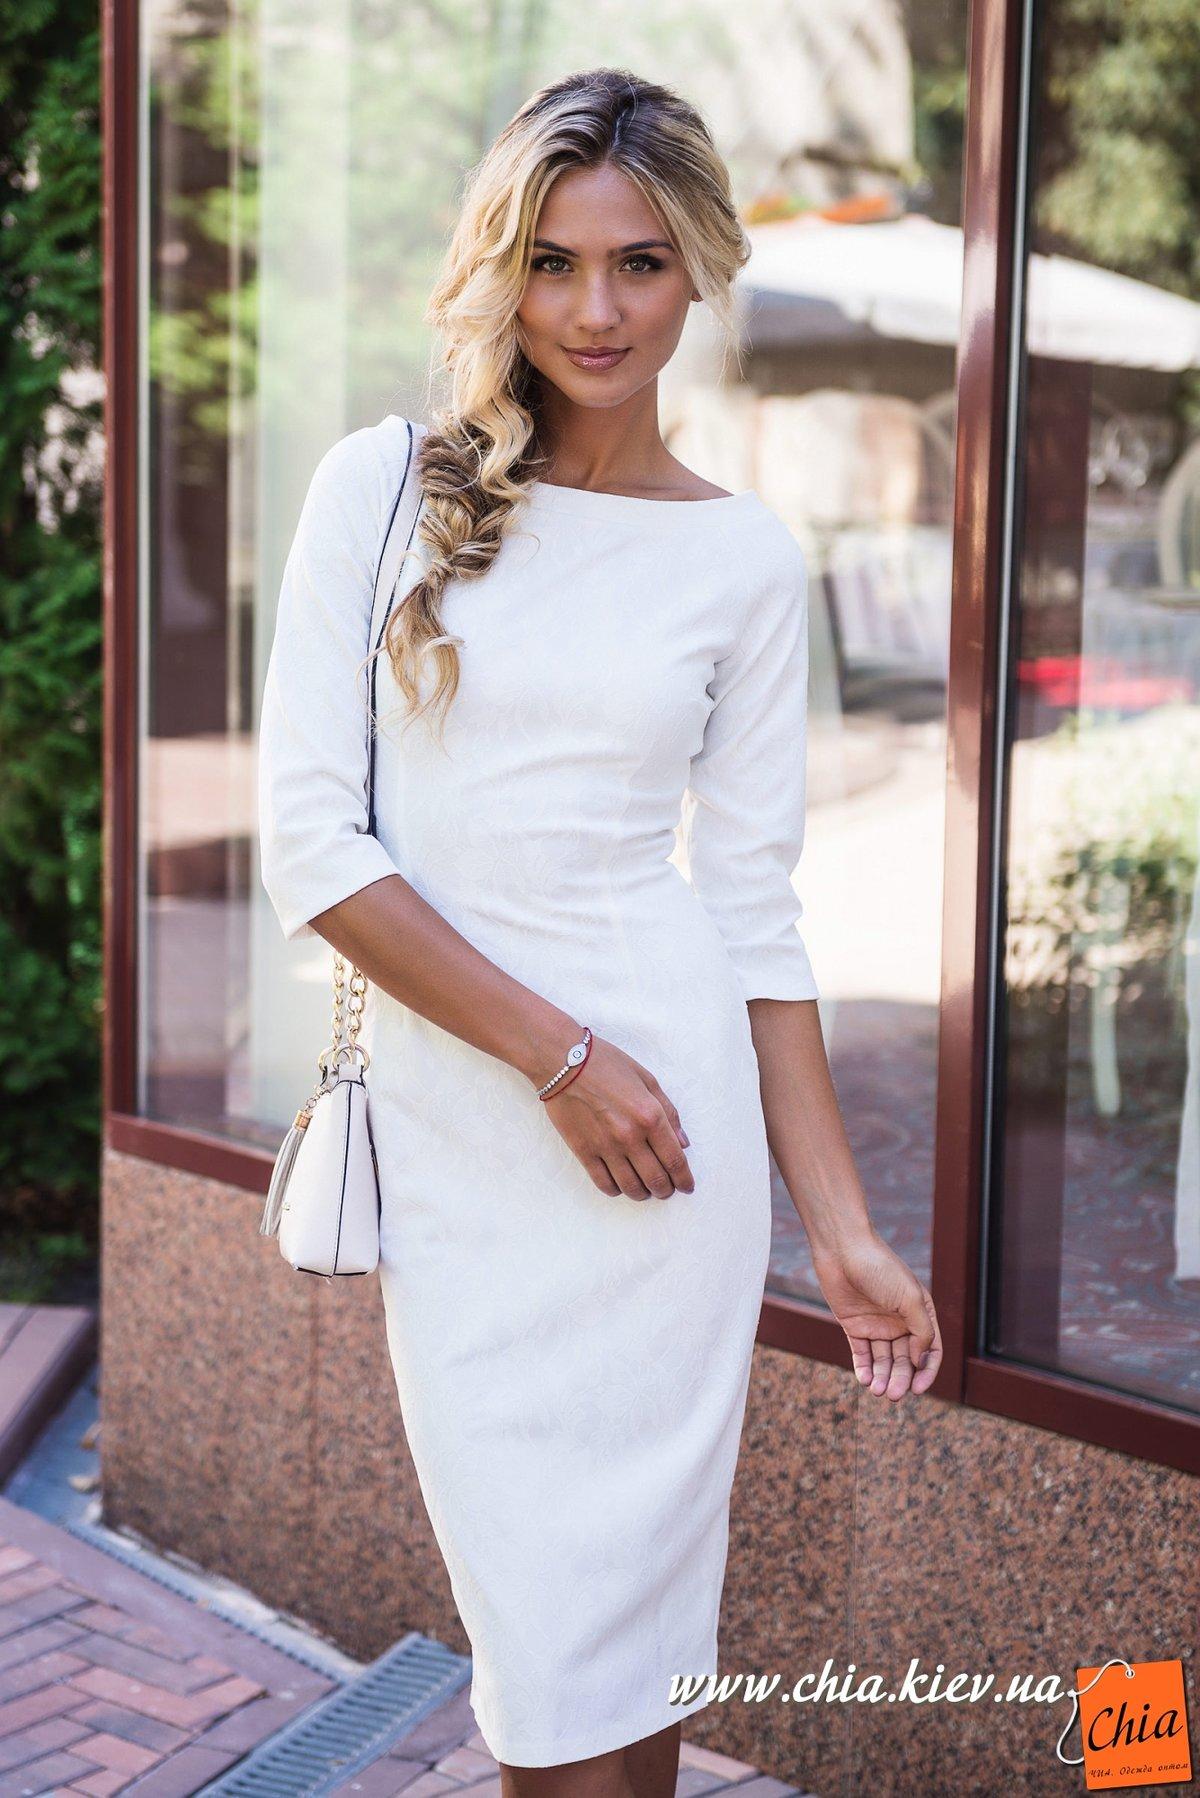 3492e4149d7 Красивое платье - пристрой во Владивостоке Красивое платье - пристрой во  Владивостоке